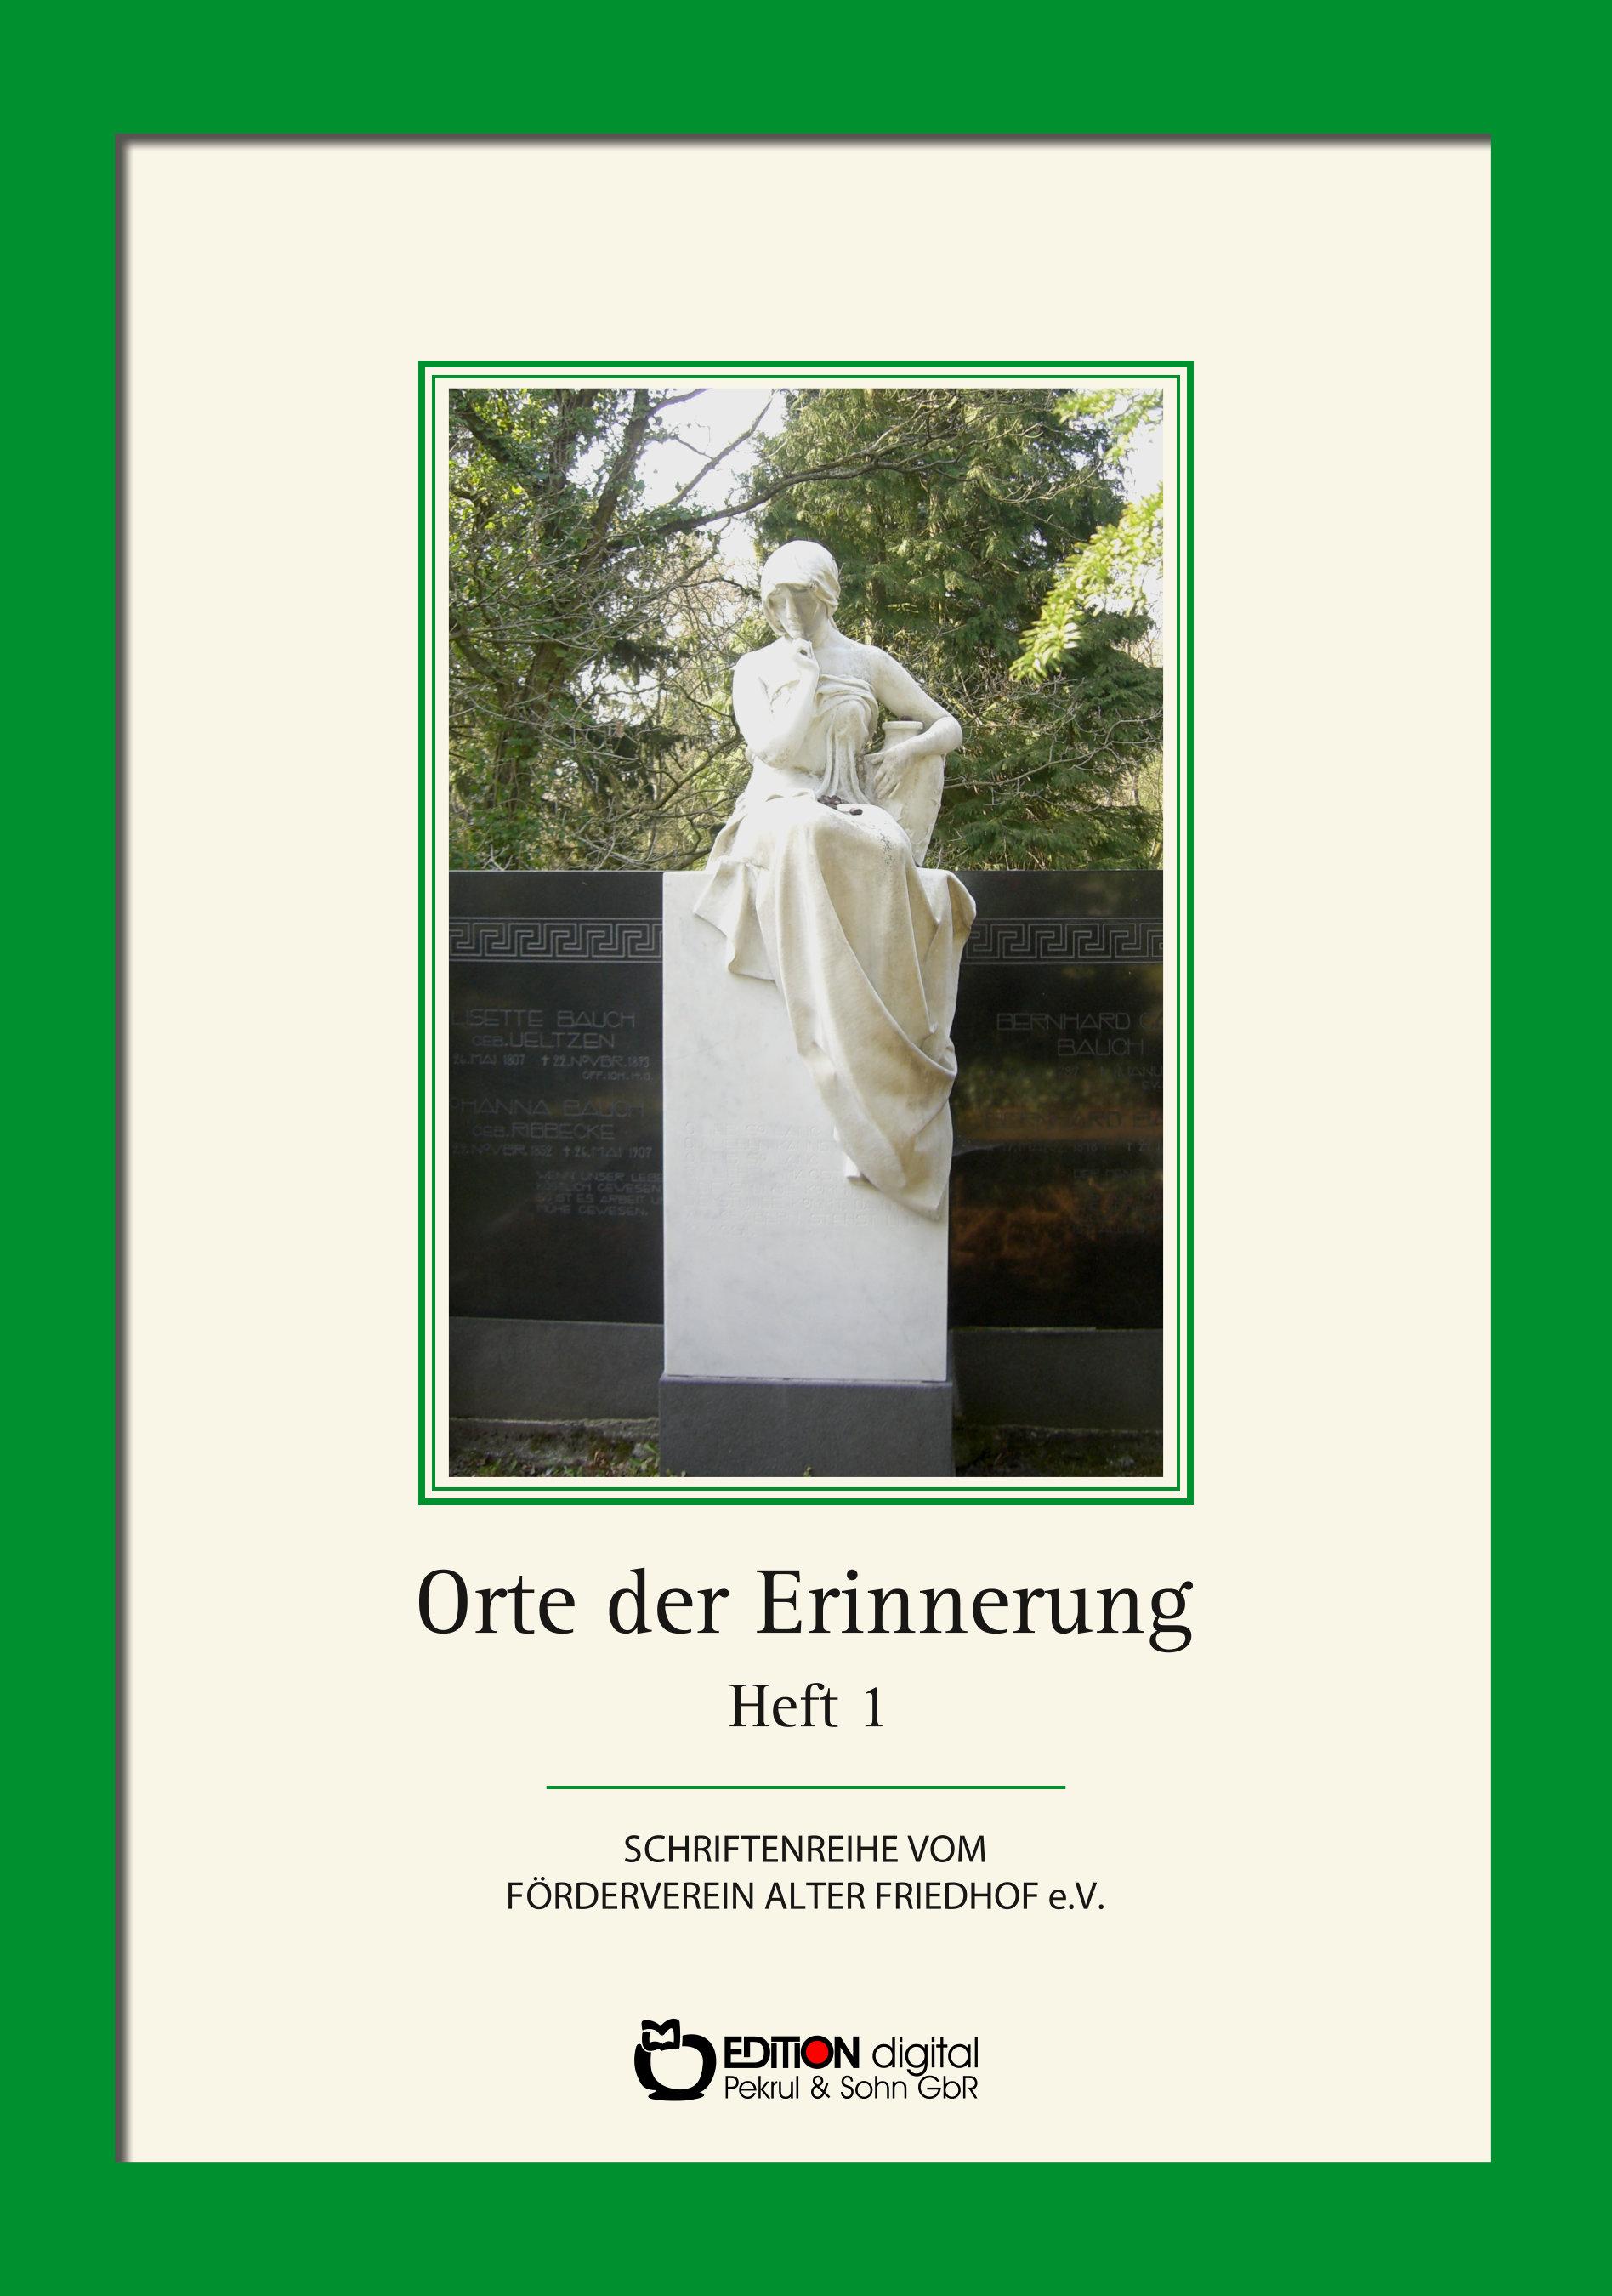 Orte der Erinnerung. Heft 1 über den Alten Friedhof Schwerin. 2. Auflage von Förderverein Alter Friedhof Schwerin e.V.